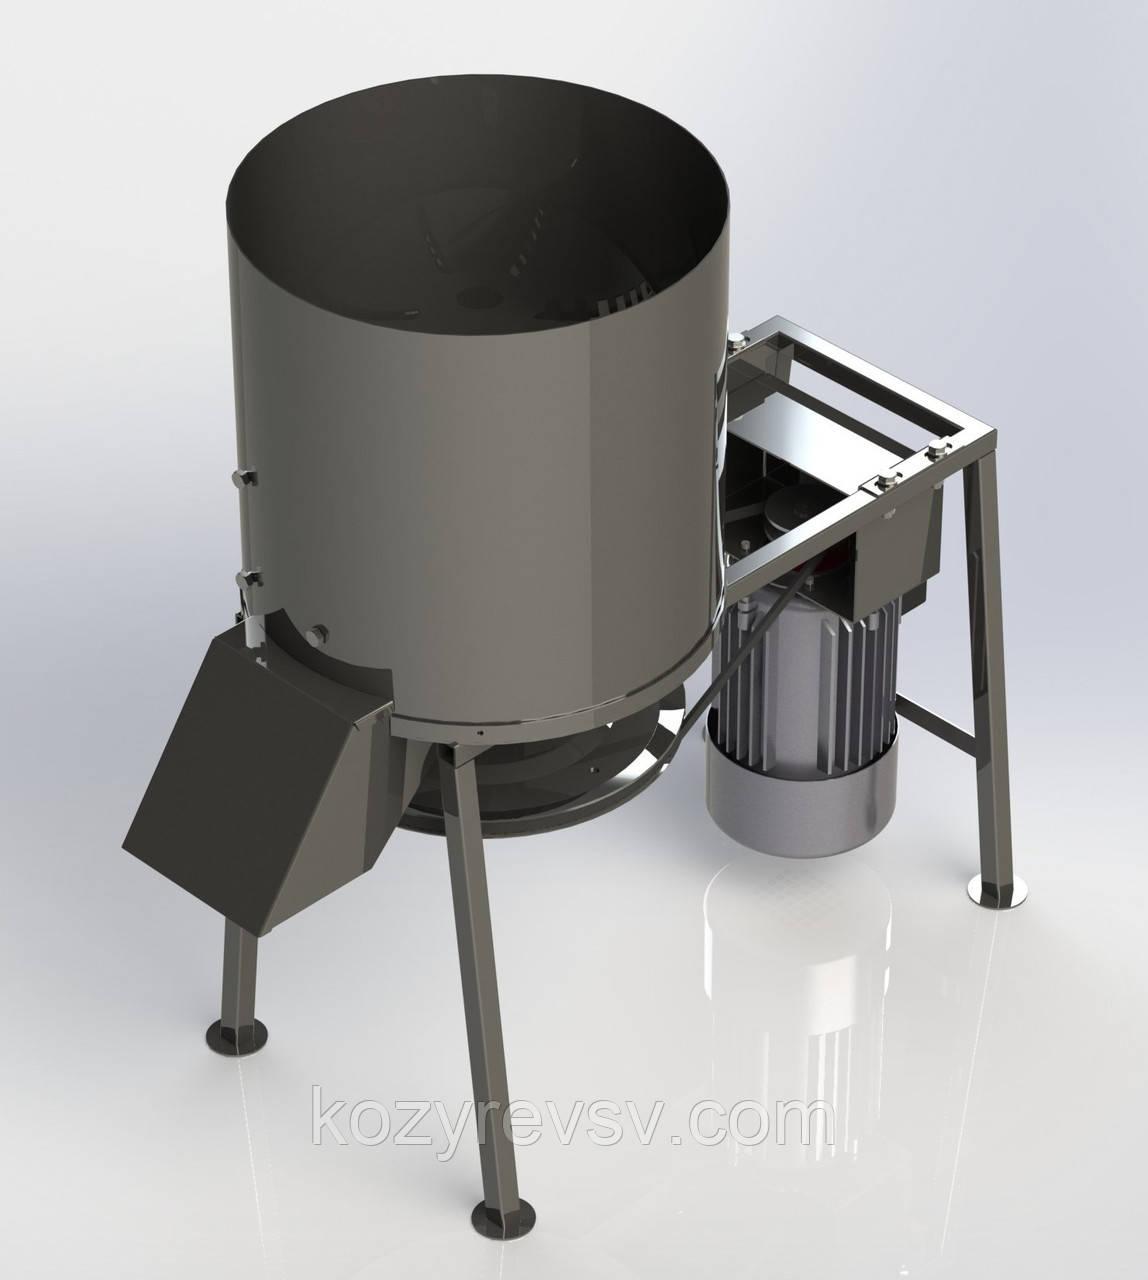 Корморезка электрическая ЛАН 5(1.7 квт.,600 кг/час) оптом и в розницу, доставка из Харькова